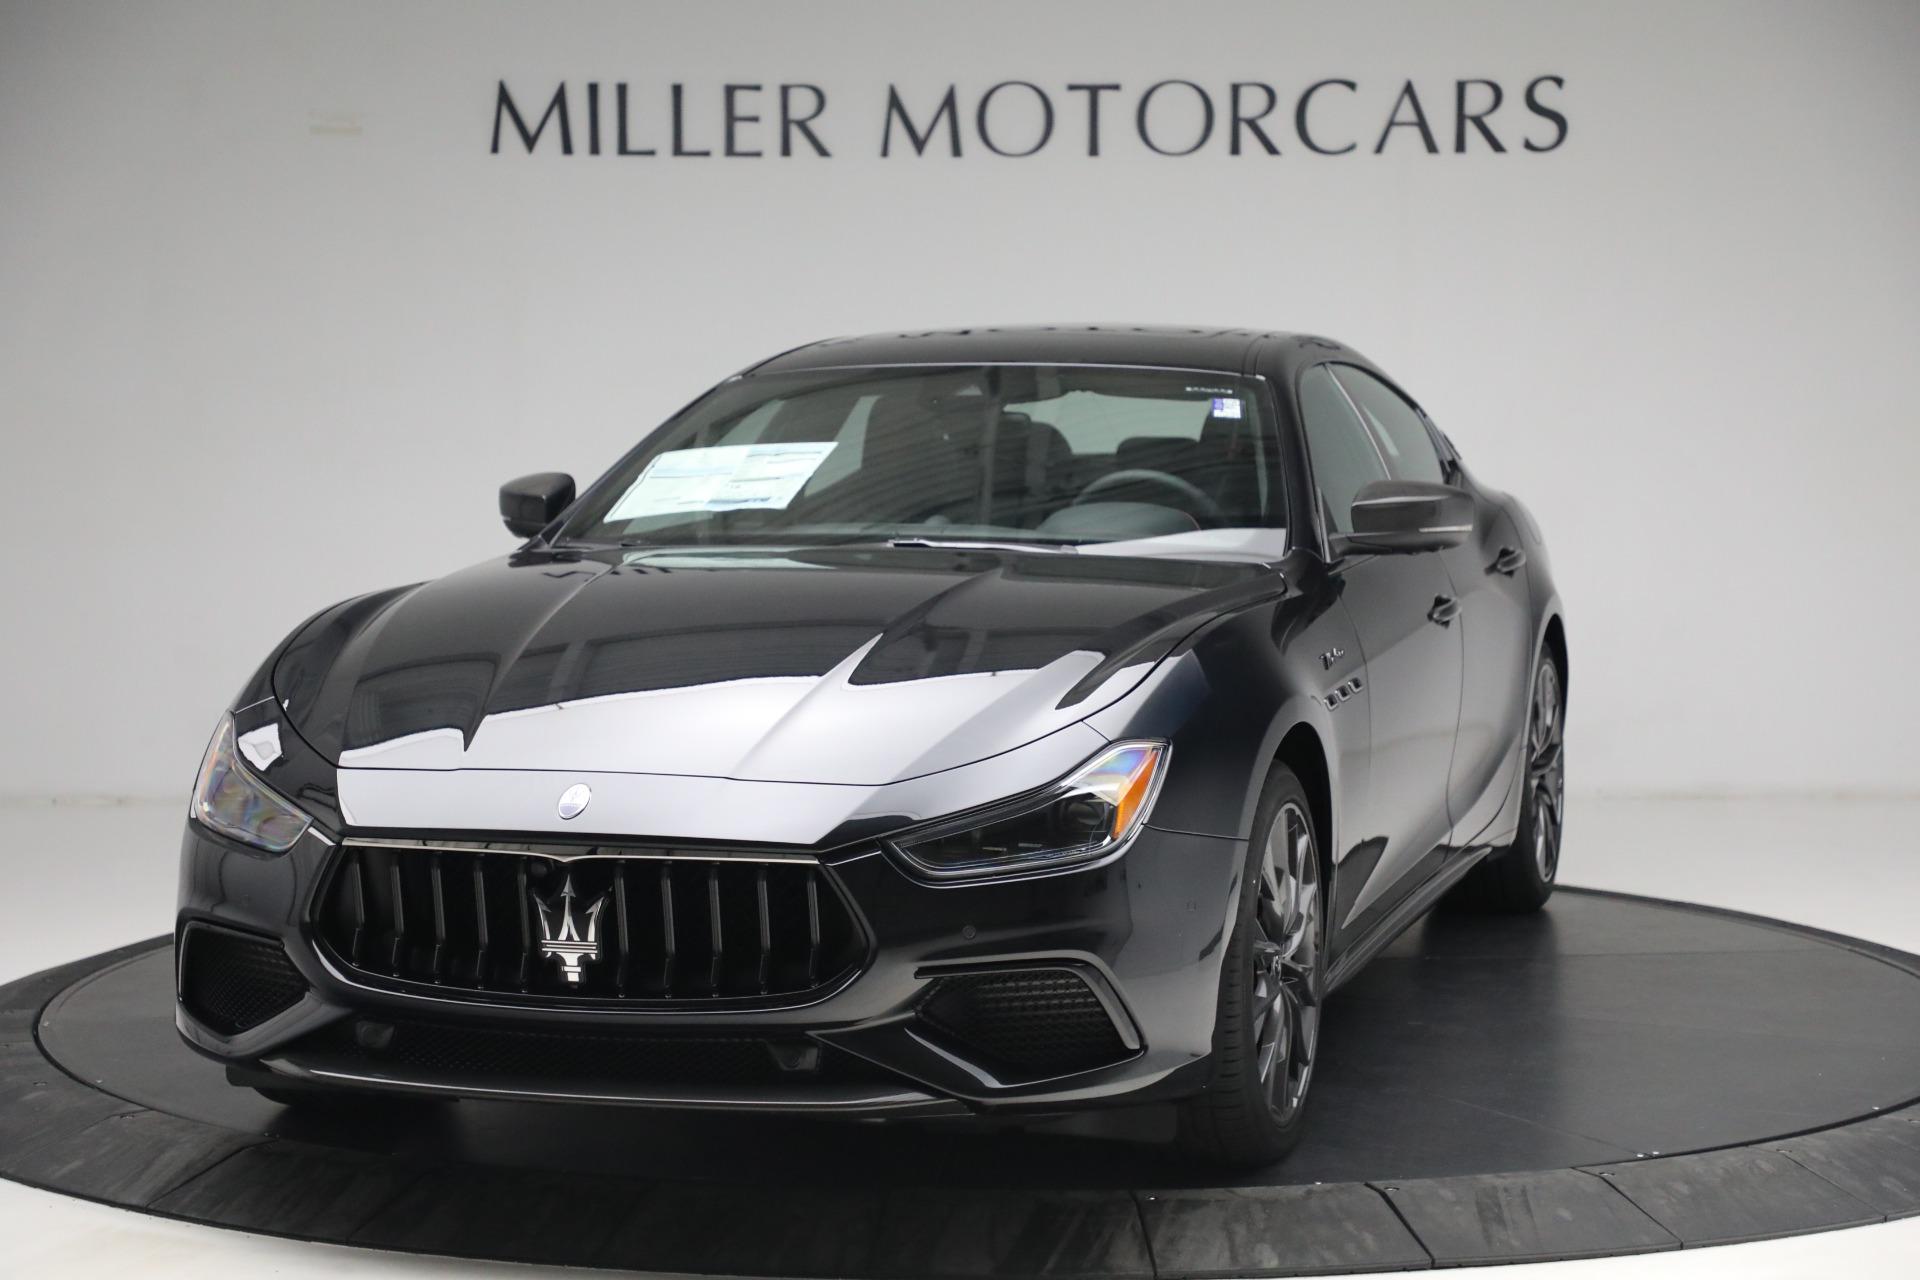 New 2022 Maserati Ghibli Modena Q4 for sale $103,855 at Bugatti of Greenwich in Greenwich CT 06830 1